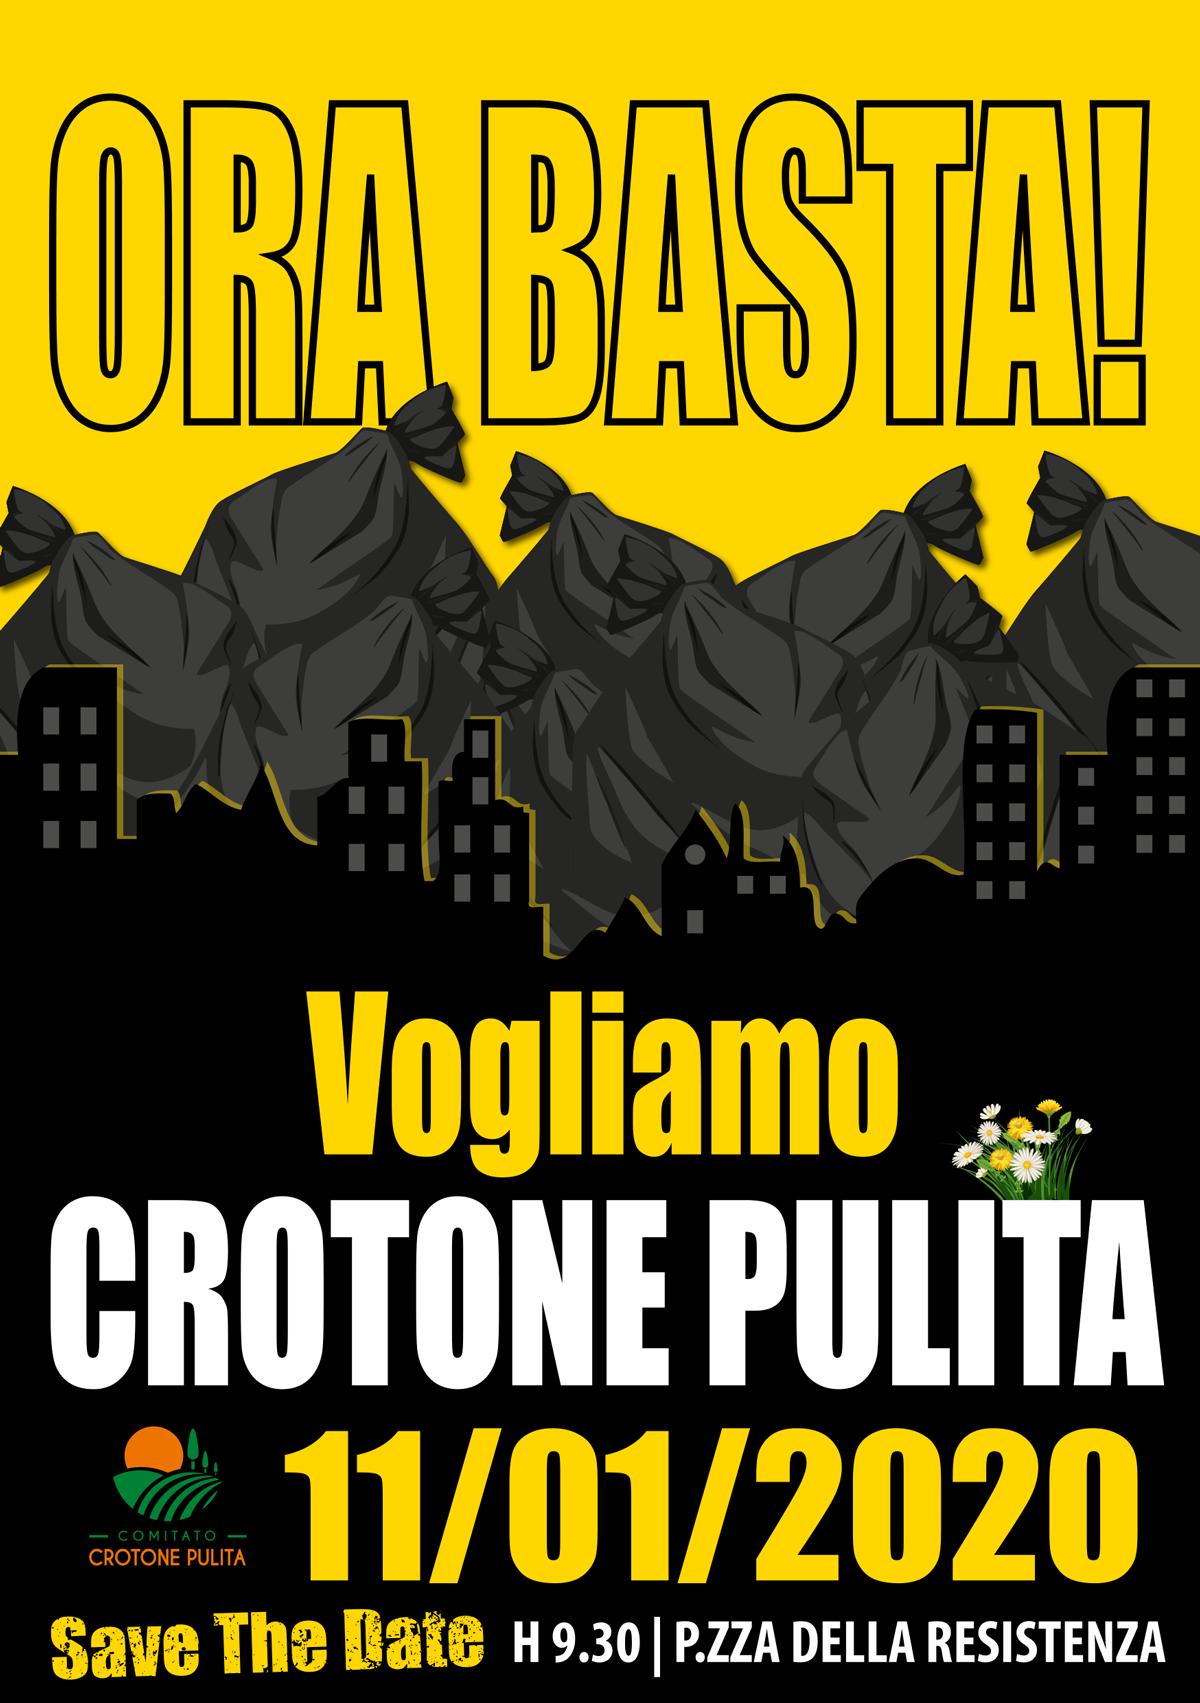 volantno-VOGLIAMO-crotone-pulita-1